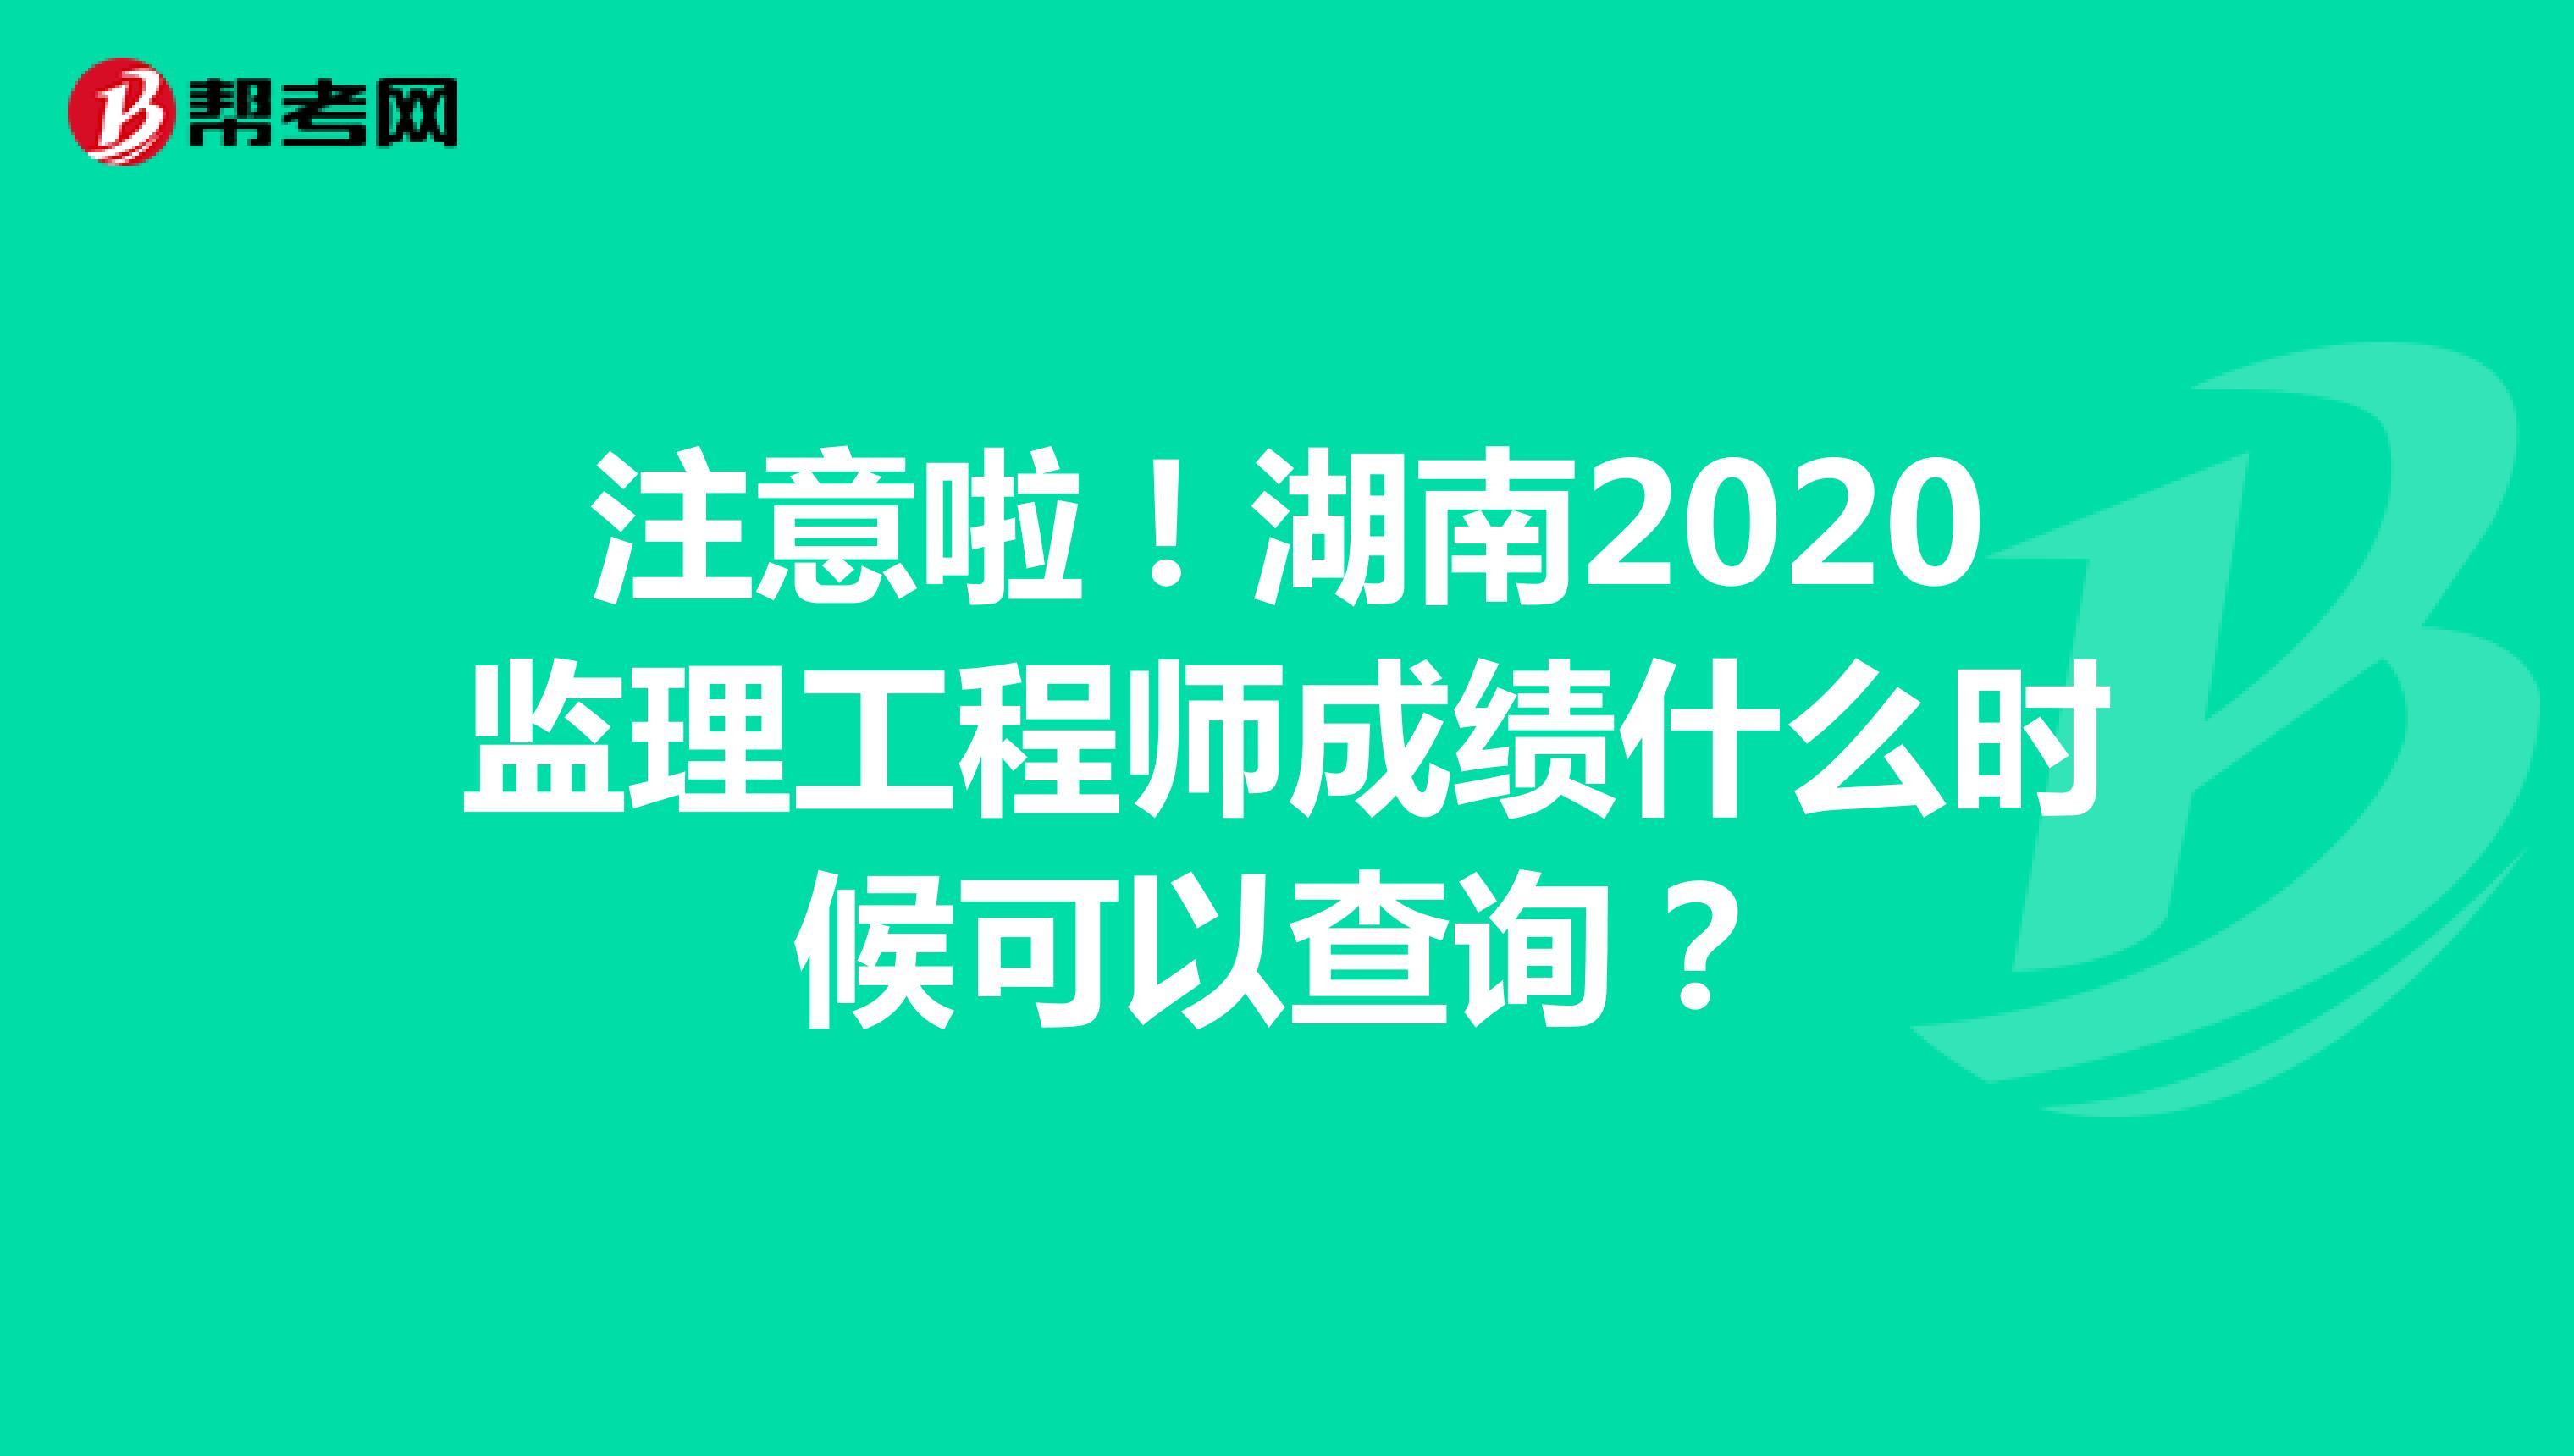 注意啦!湖南2020监理工程师成绩什么时候可以查询?